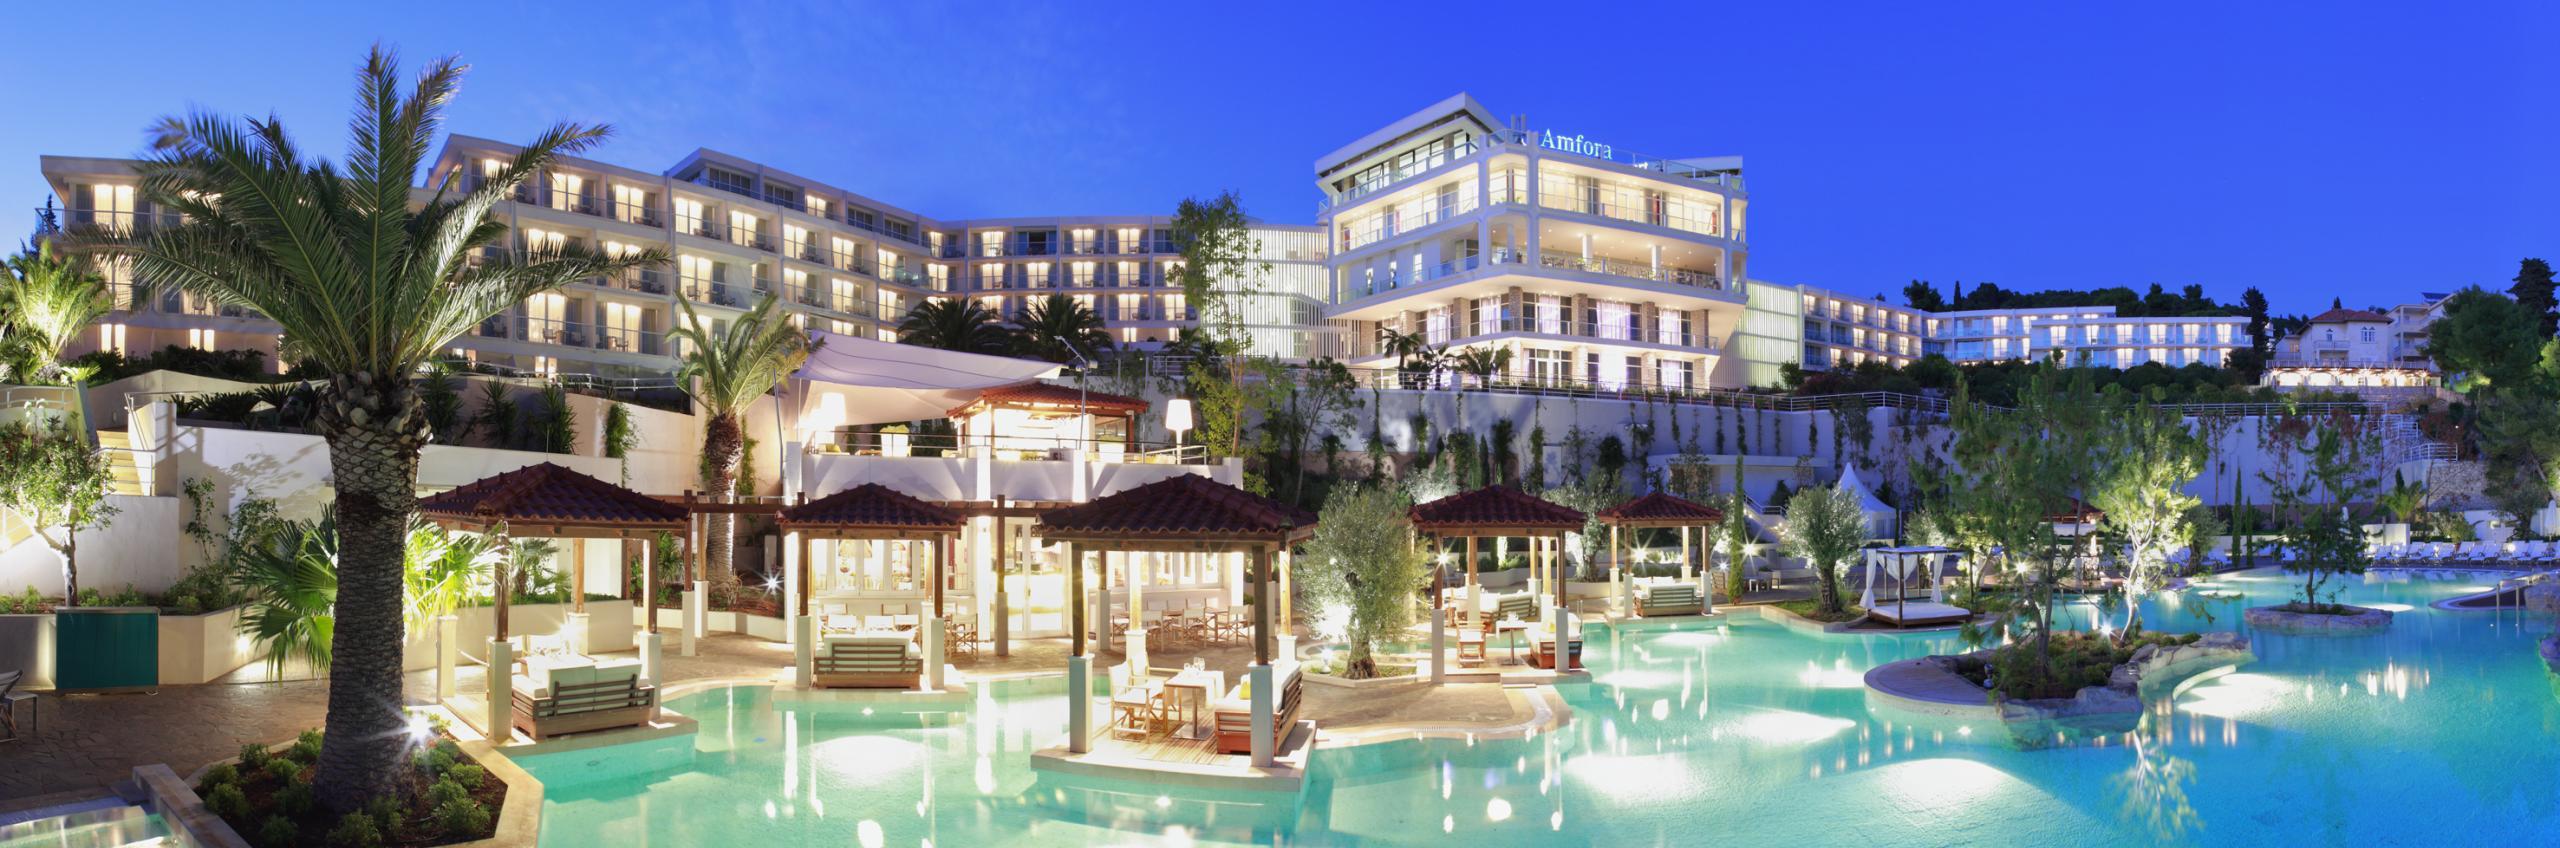 Our hotels suncani hvar hotels for Hvar tourismus